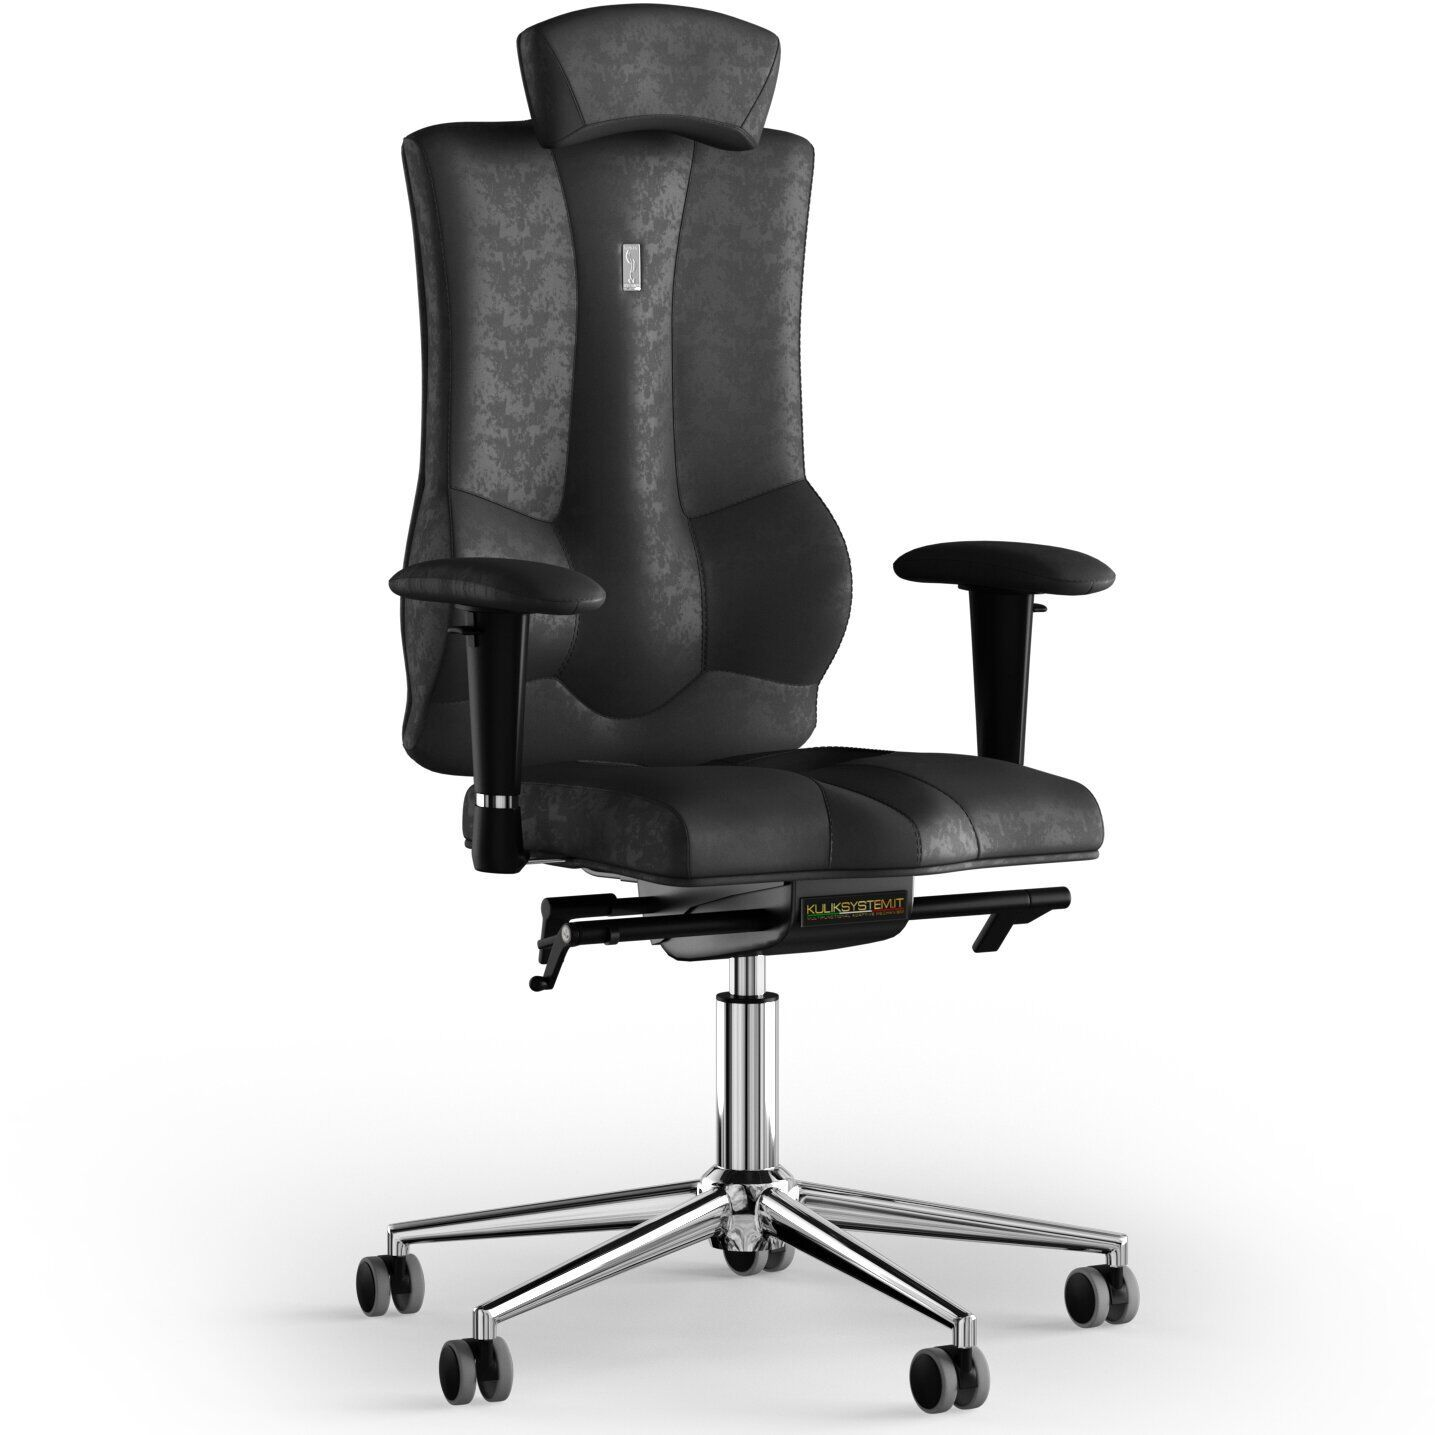 Кресло KULIK SYSTEM ELEGANCE Антара с подголовником без строчки